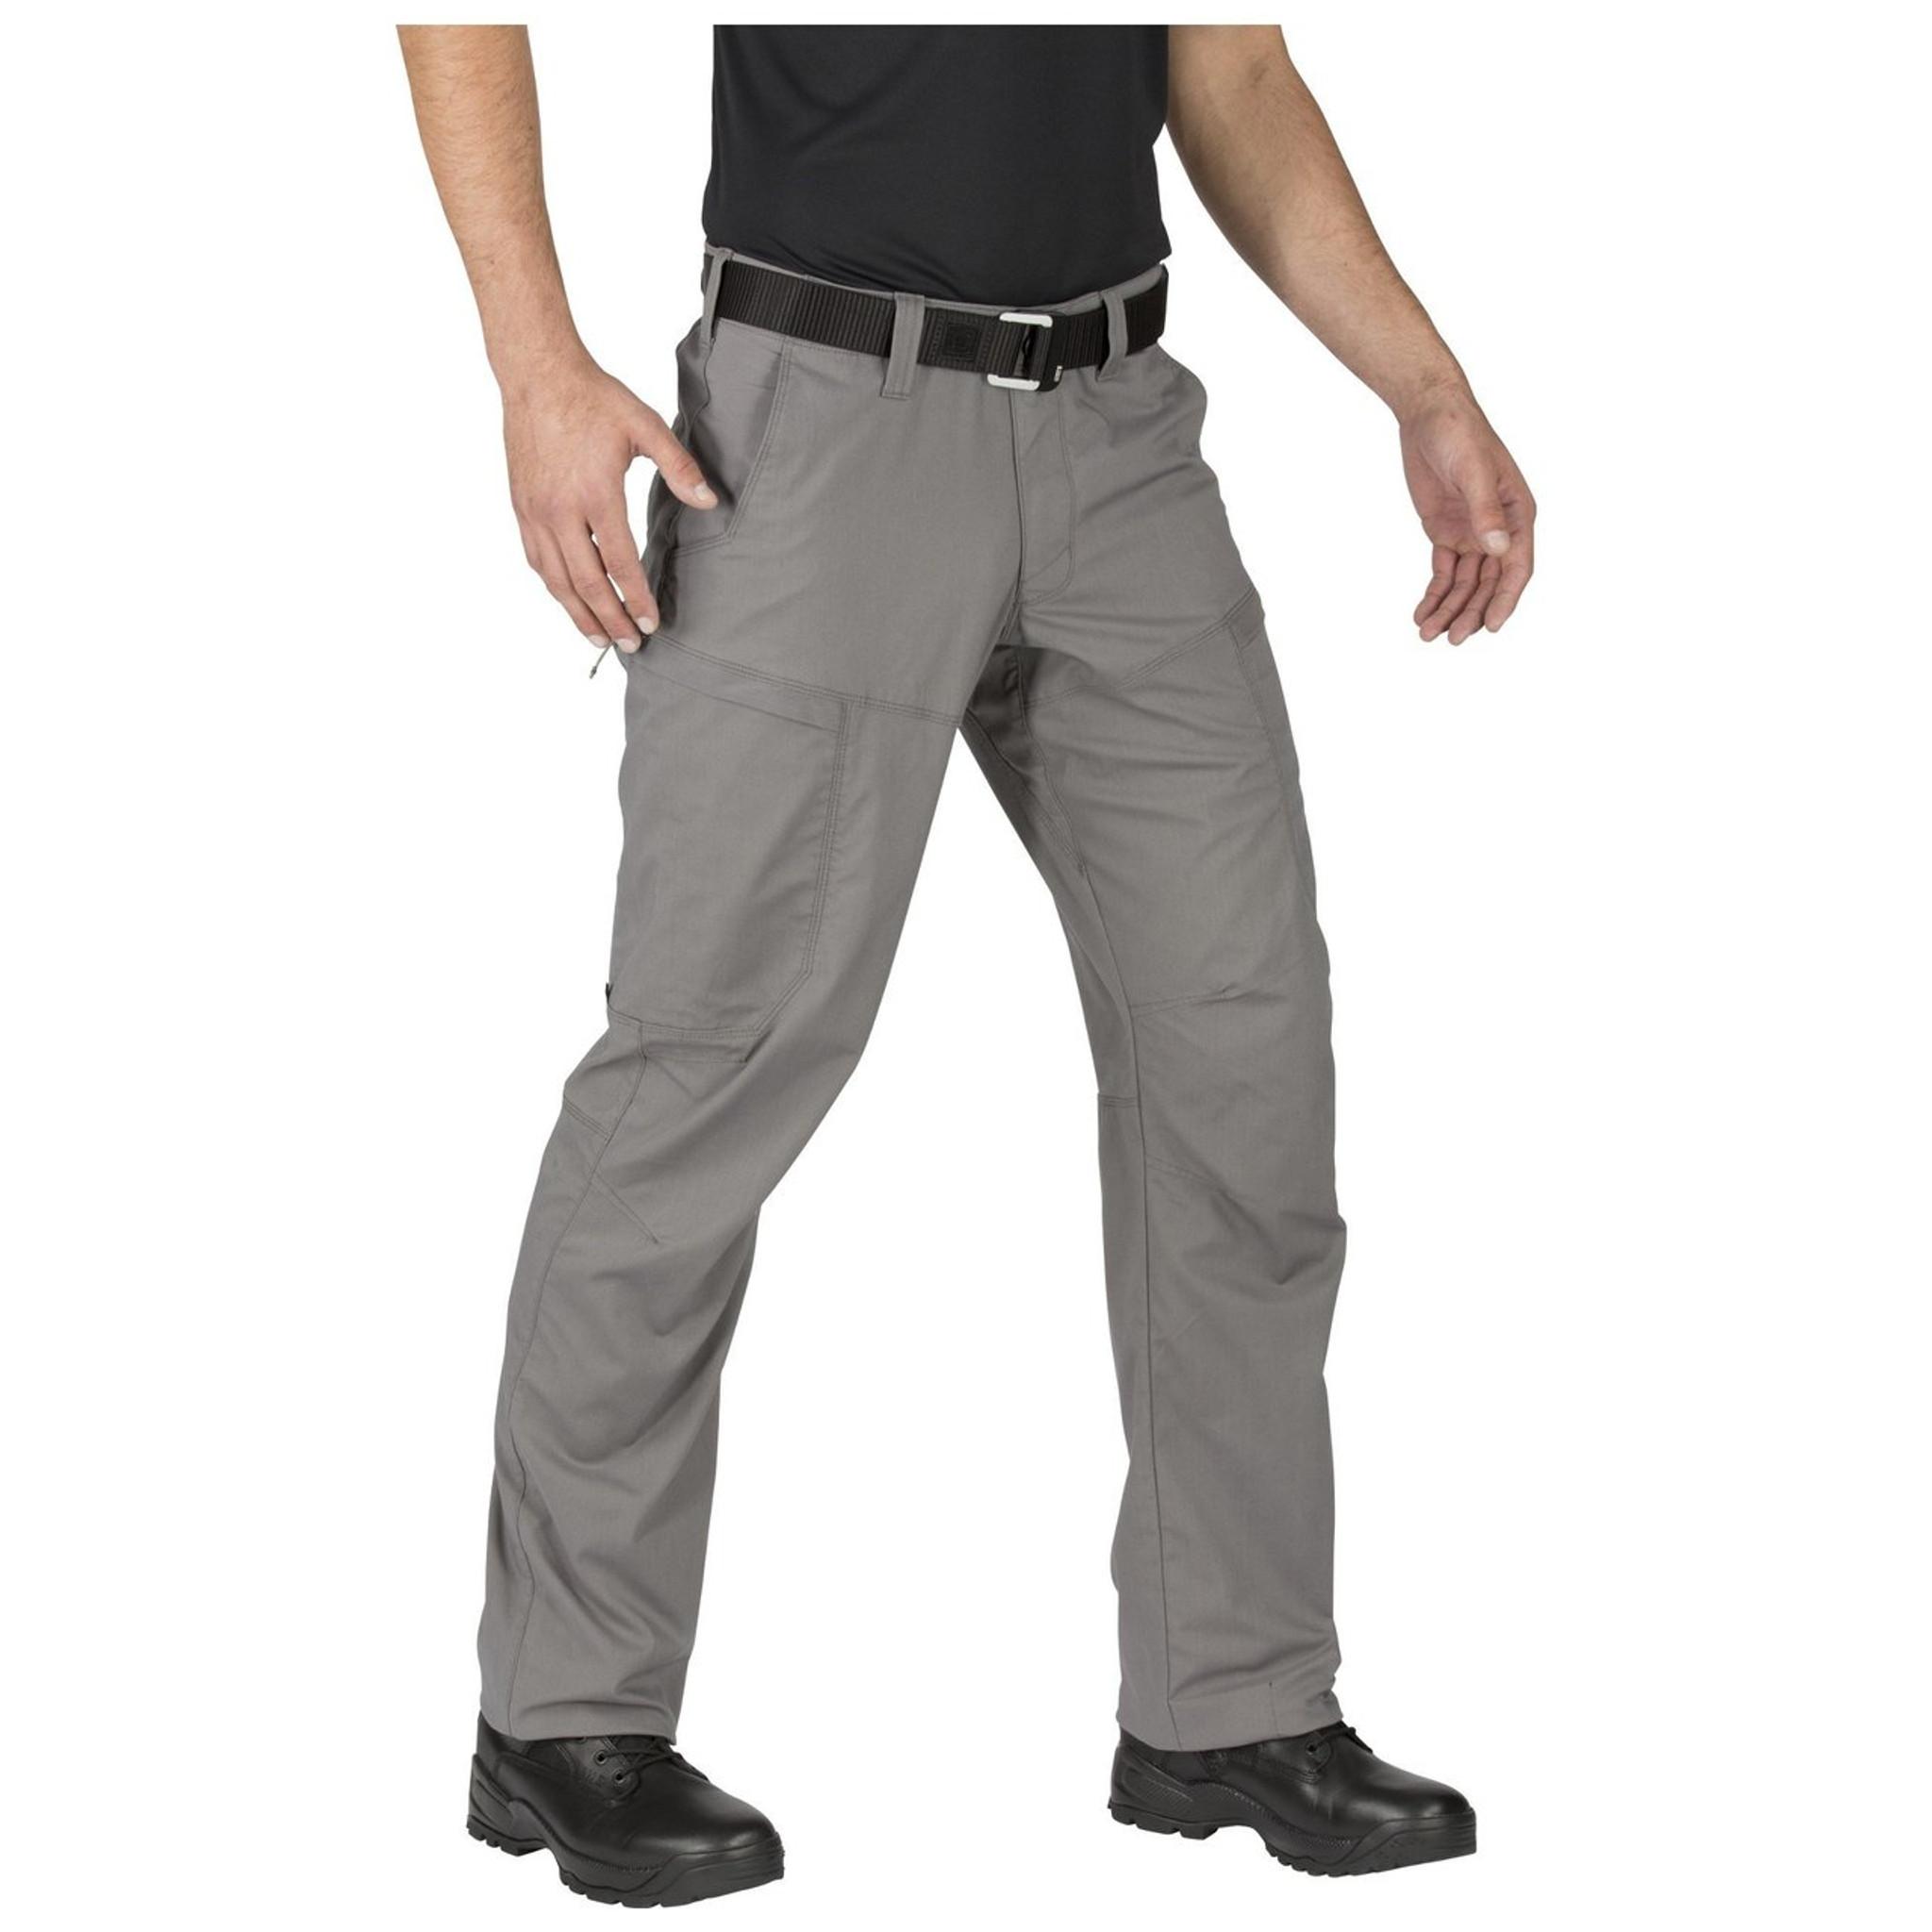 fa8d627127 5.11 Tactical Apex Pant